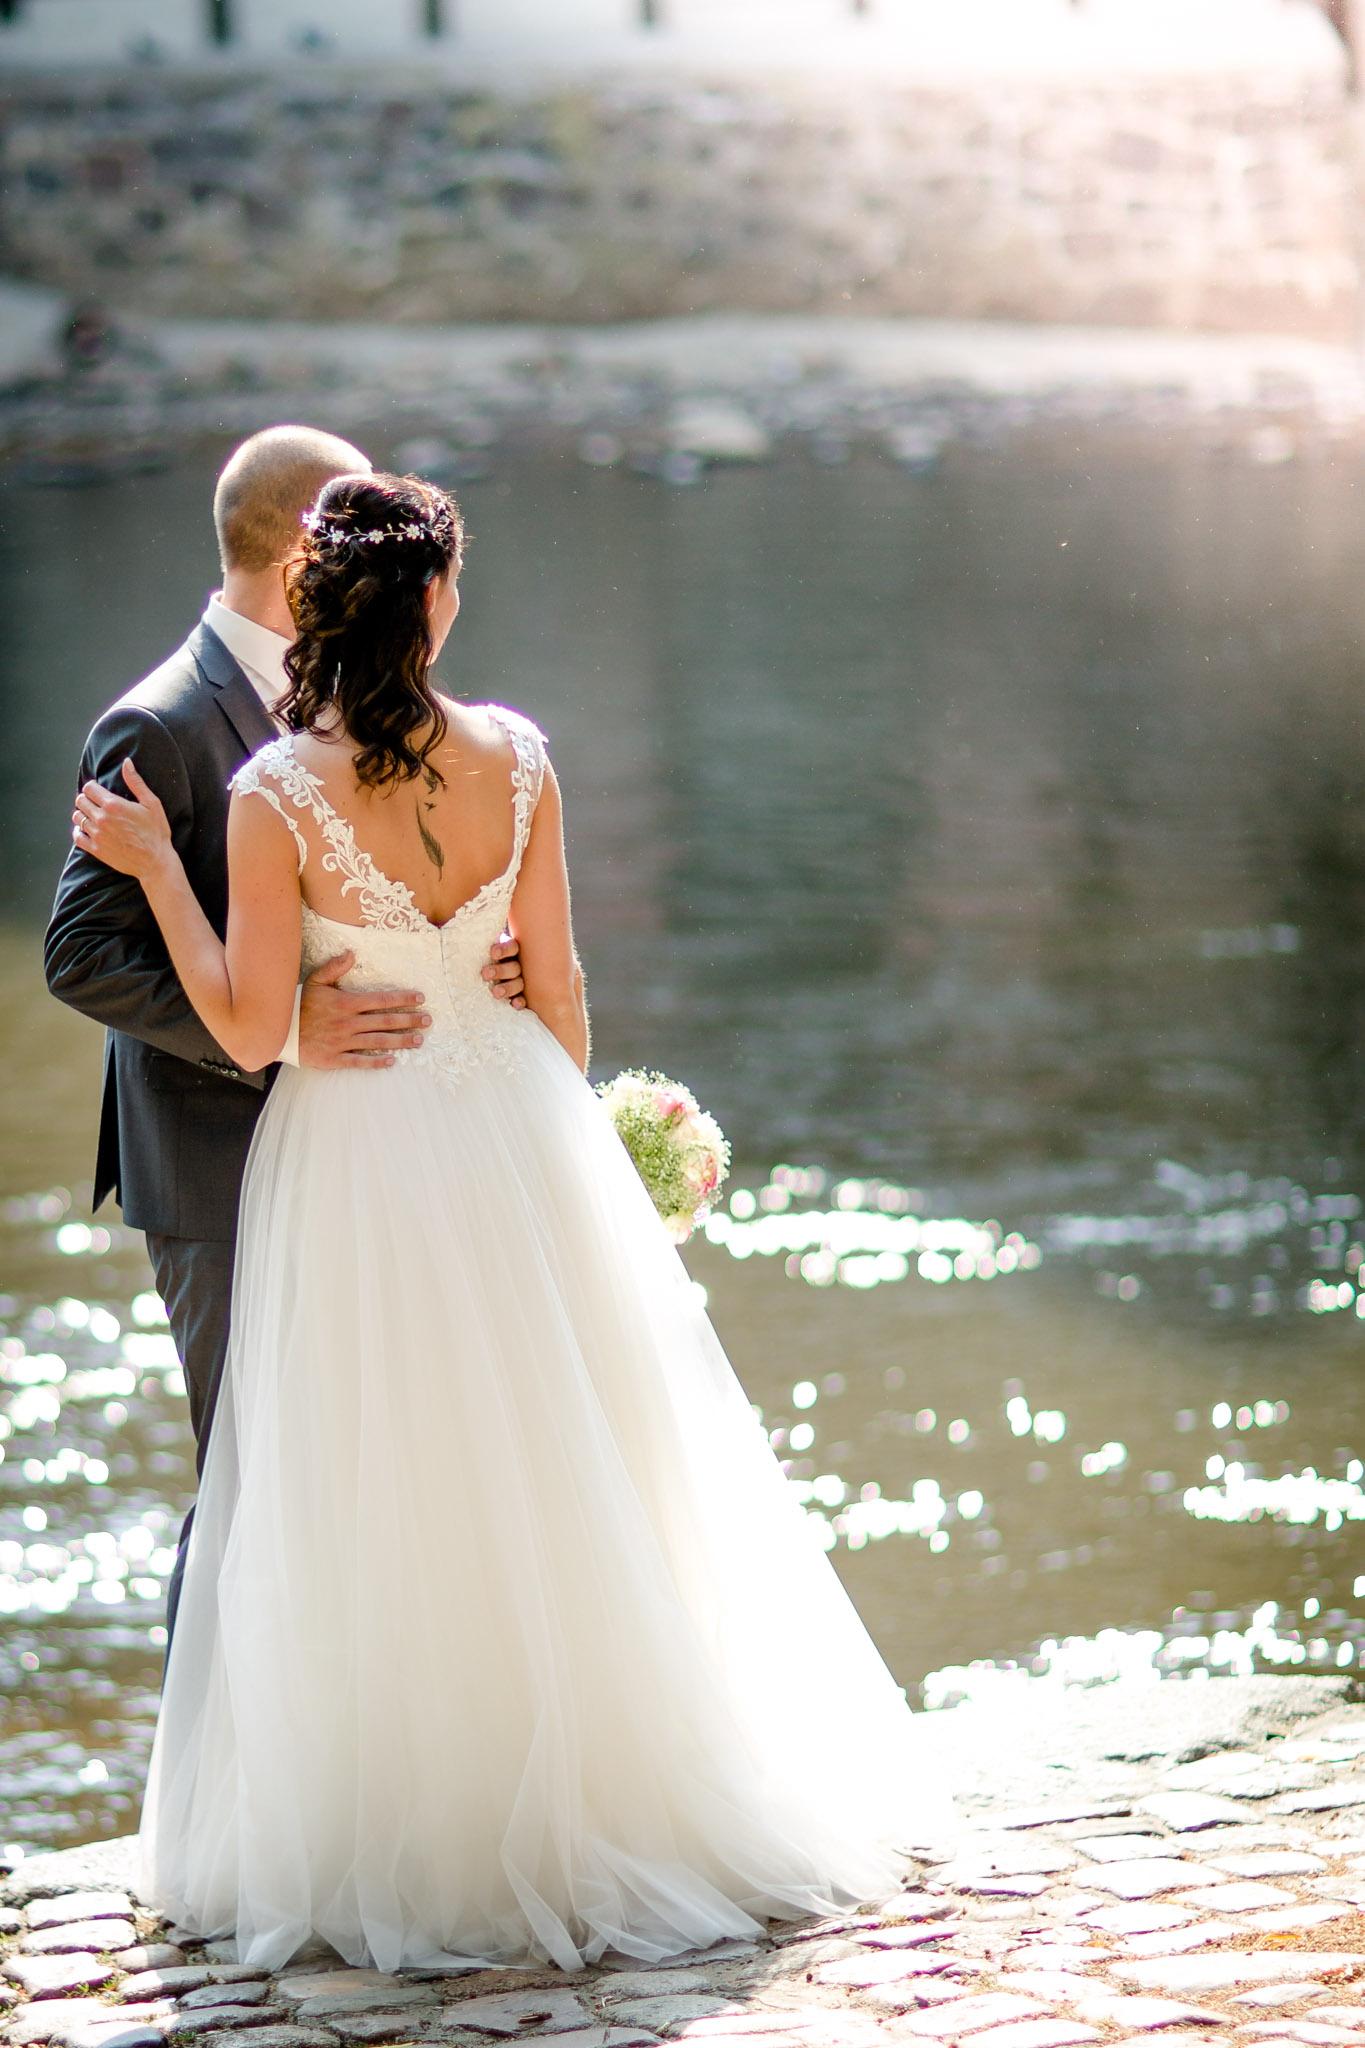 Brautpaarshooting an der Ilmenau in Lüneburg